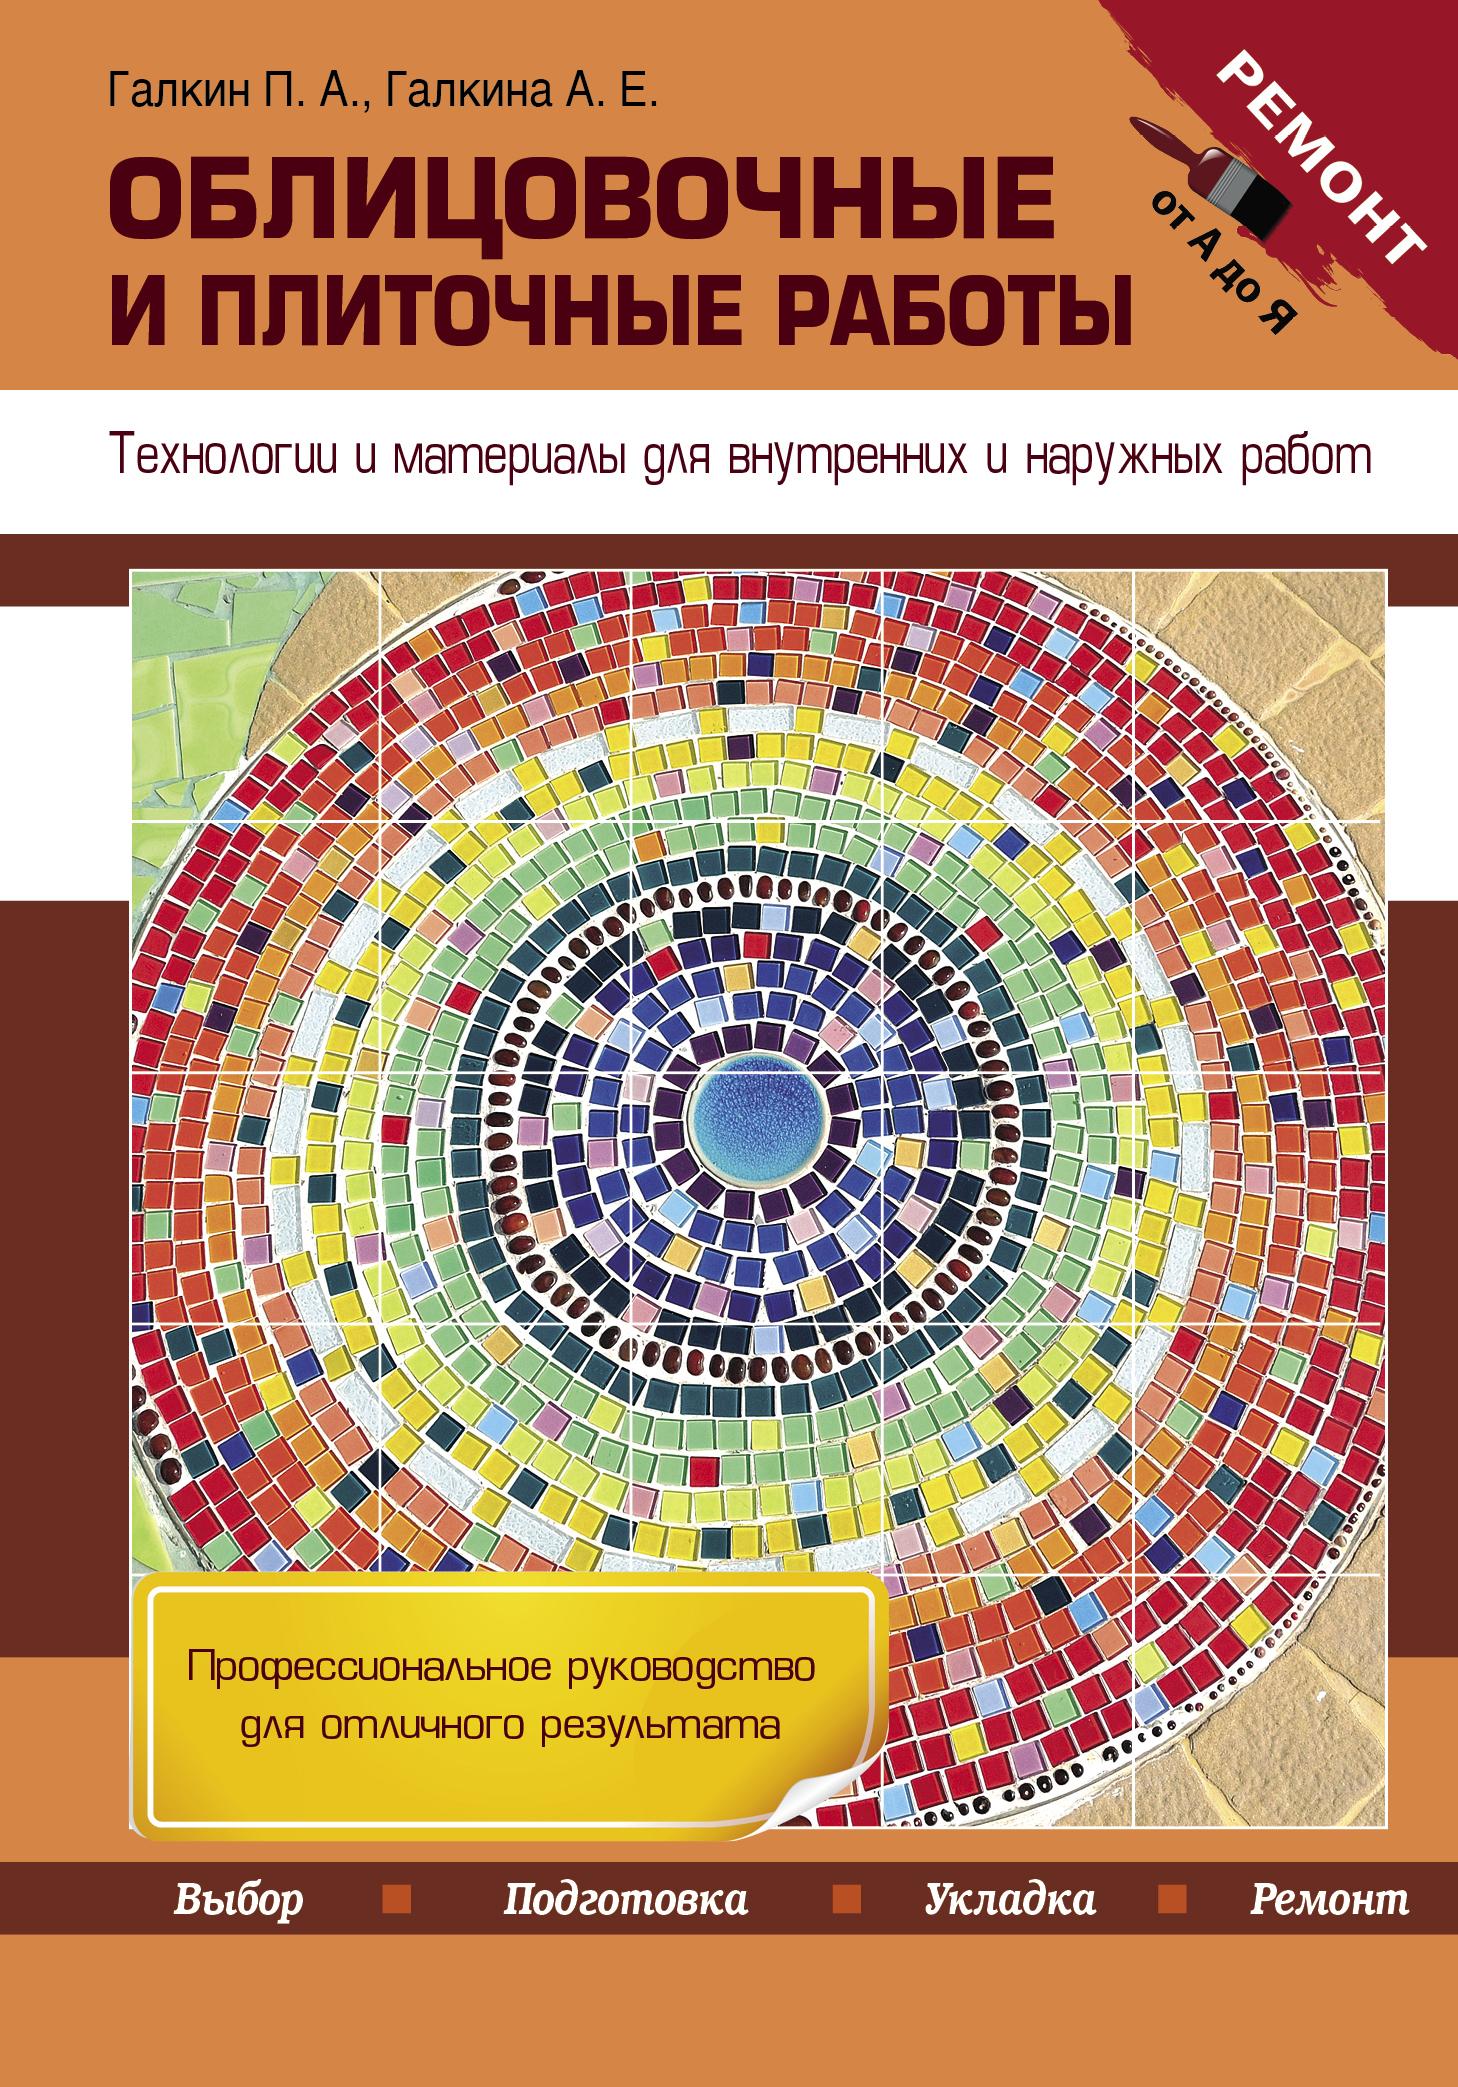 Облицовочные и плиточные работы. Технологии и материалы для внутренних и наружных работ от book24.ru